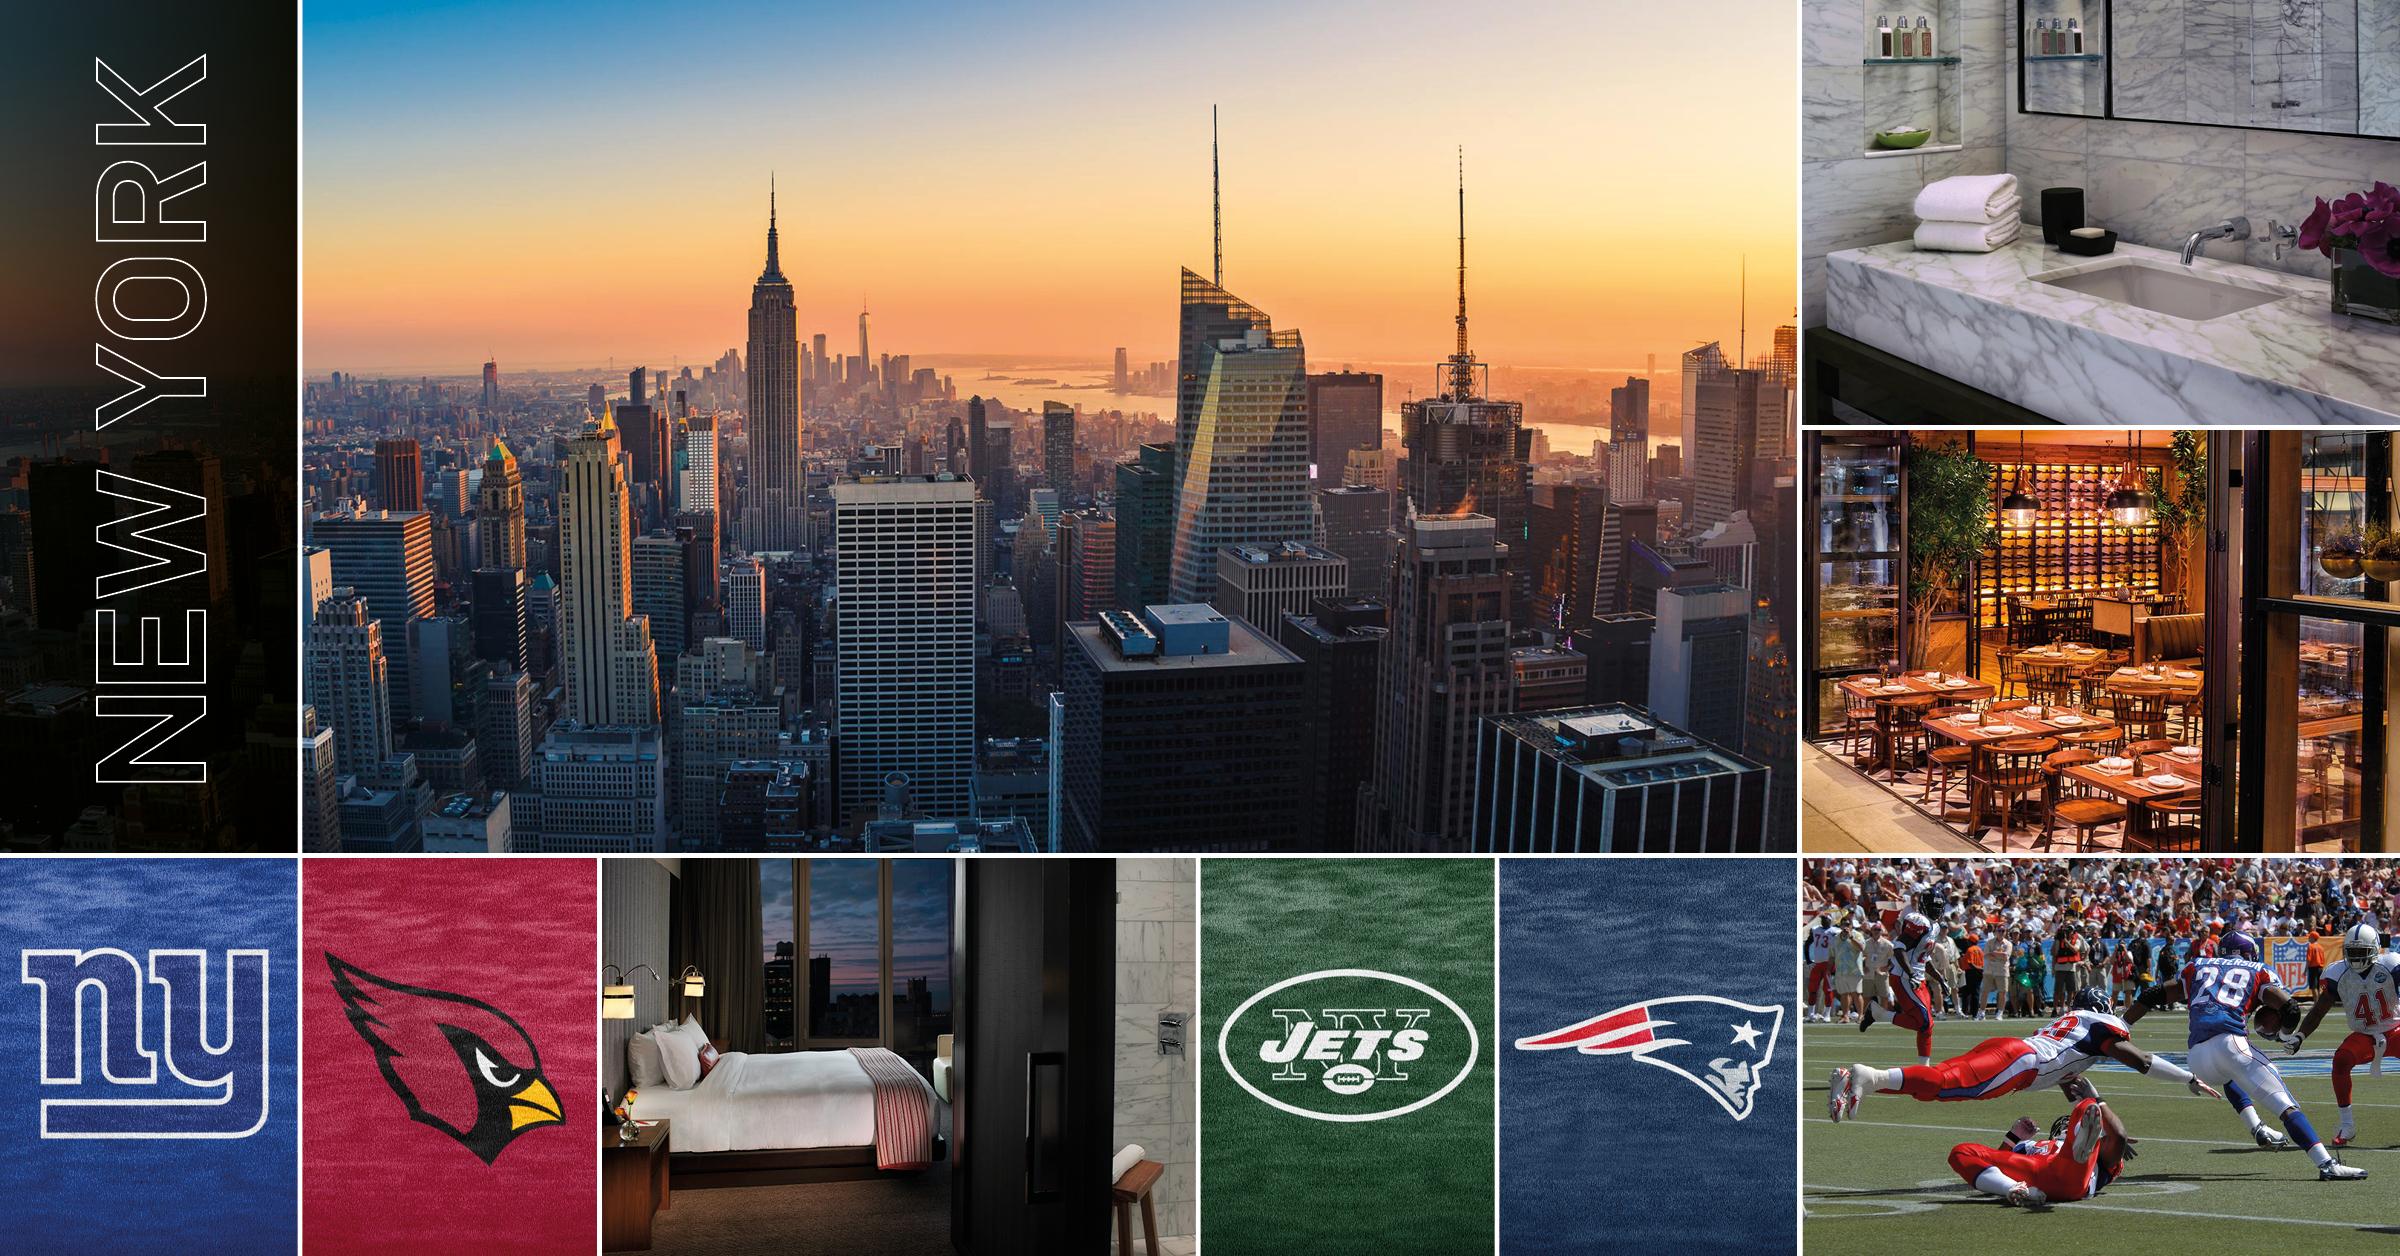 NFL-resa New York - 18 - 22 oktober går resan till staden som aldrig sover, New York. Bo fyra nätter på lyxhotellet Kimpton Hotel Eventi. Två NFL-matcher på två dagar. Giants - Arizona och New York Jets - New England Patriots.